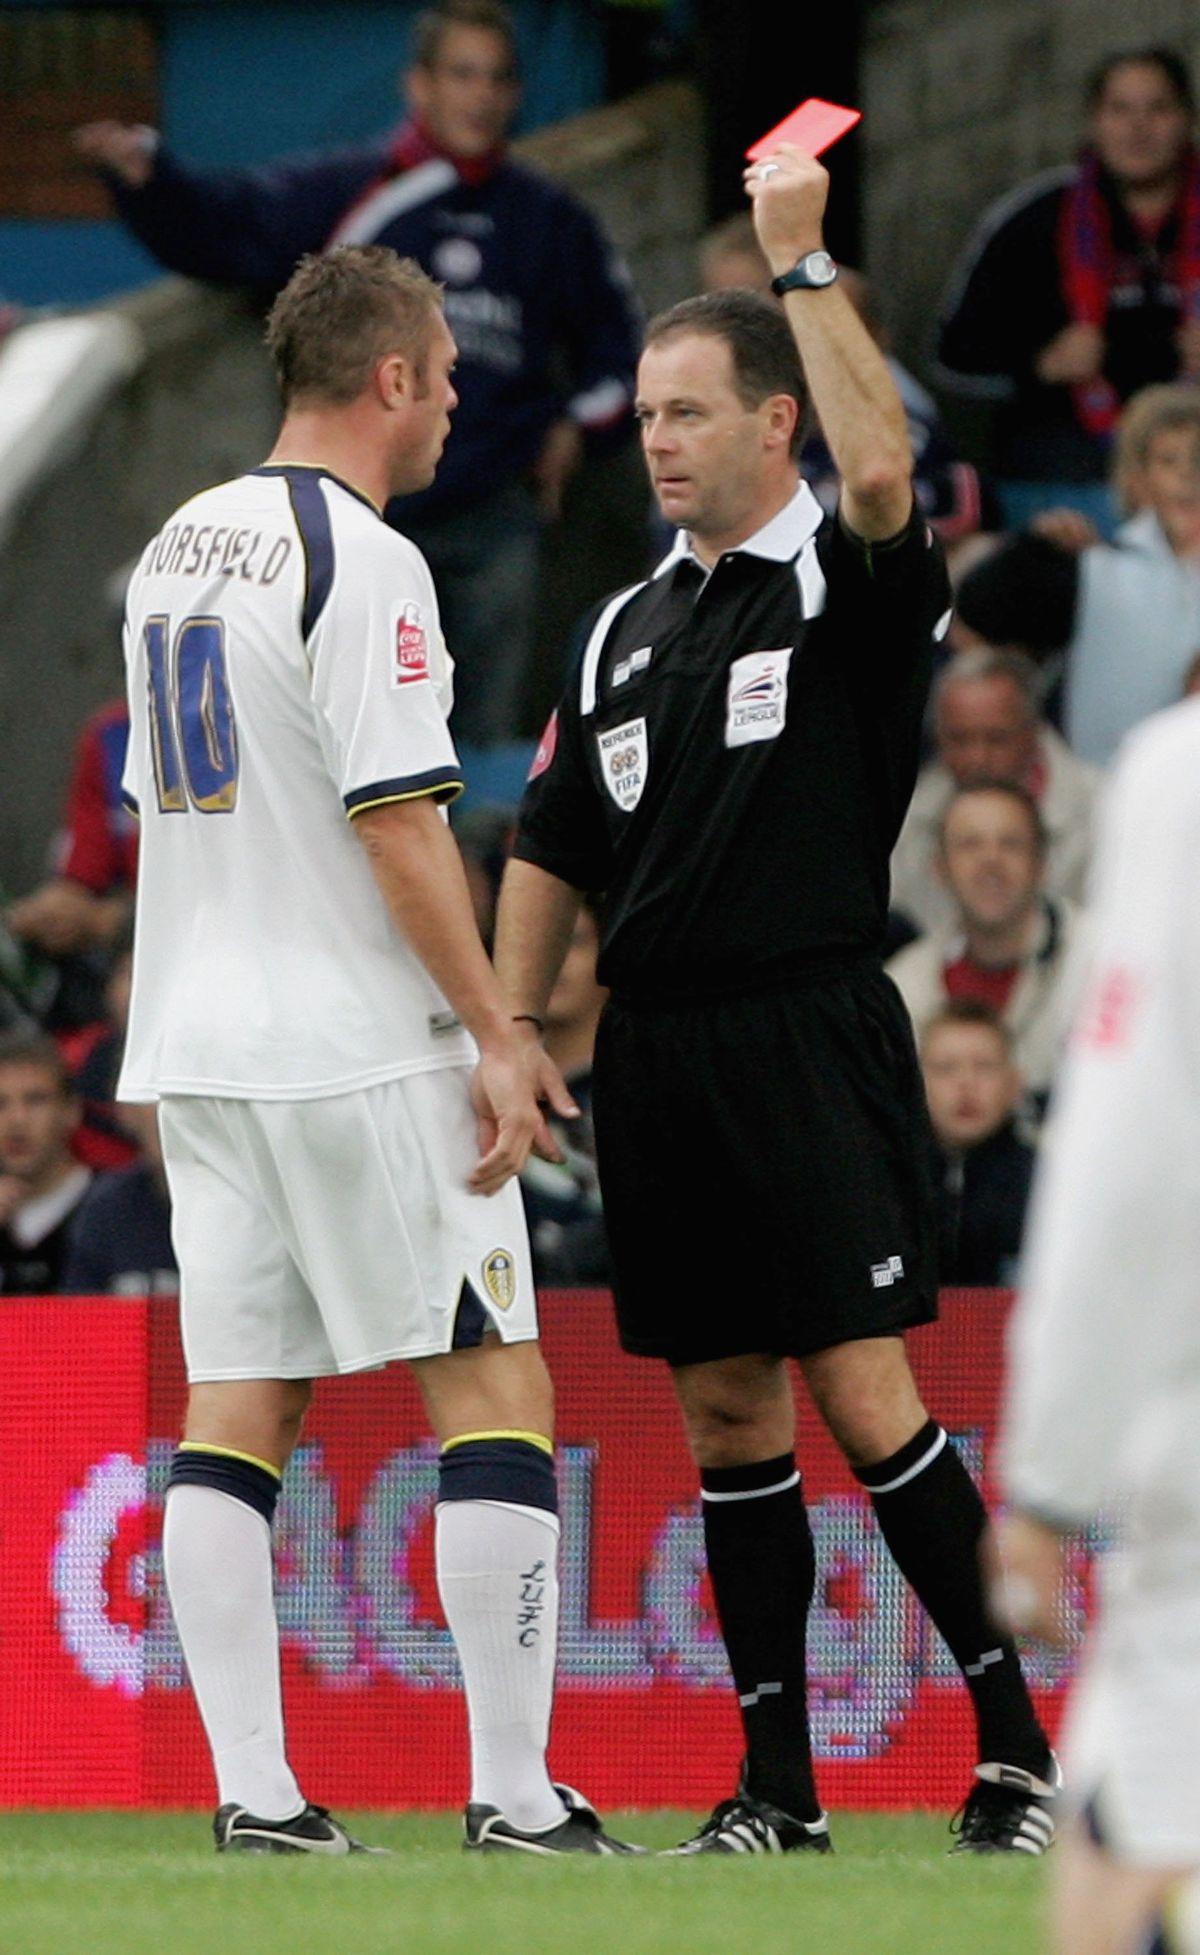 Crystal Palace v Leeds United